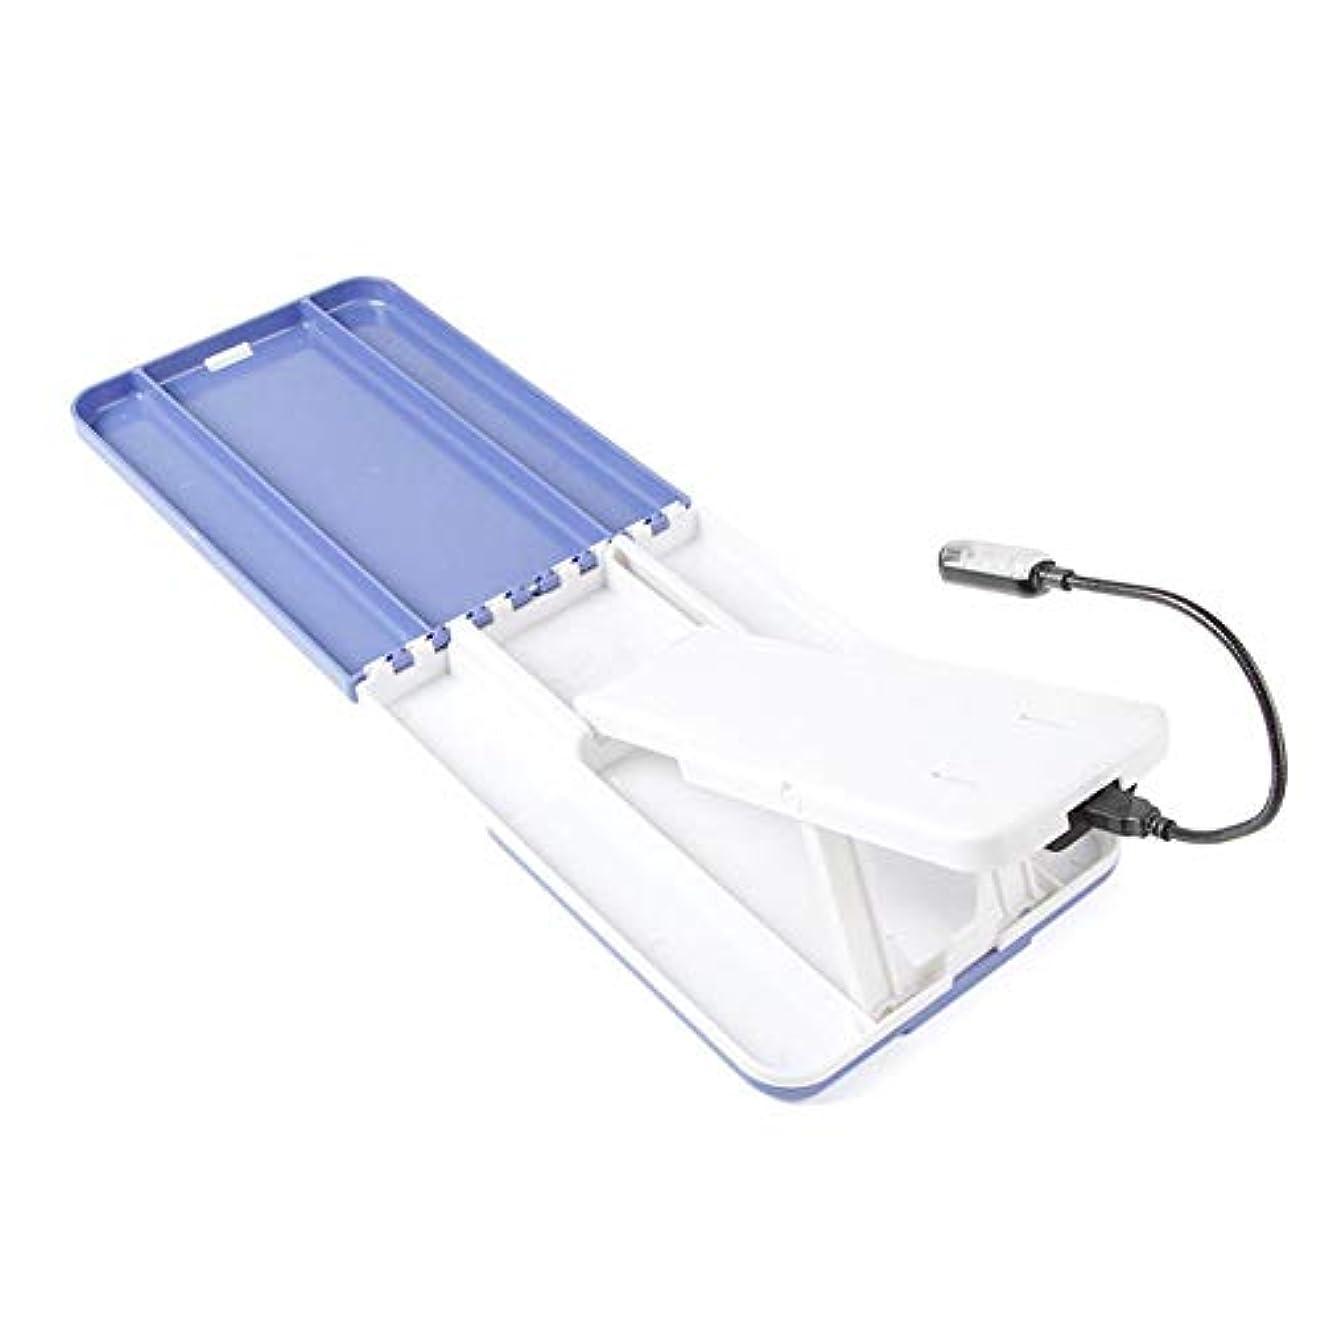 請う抑圧するカプラーBETTER YOU (ベター ュー) トリムネイルツールボード、持ち運びが簡単、持ち運び、バッテリー付属